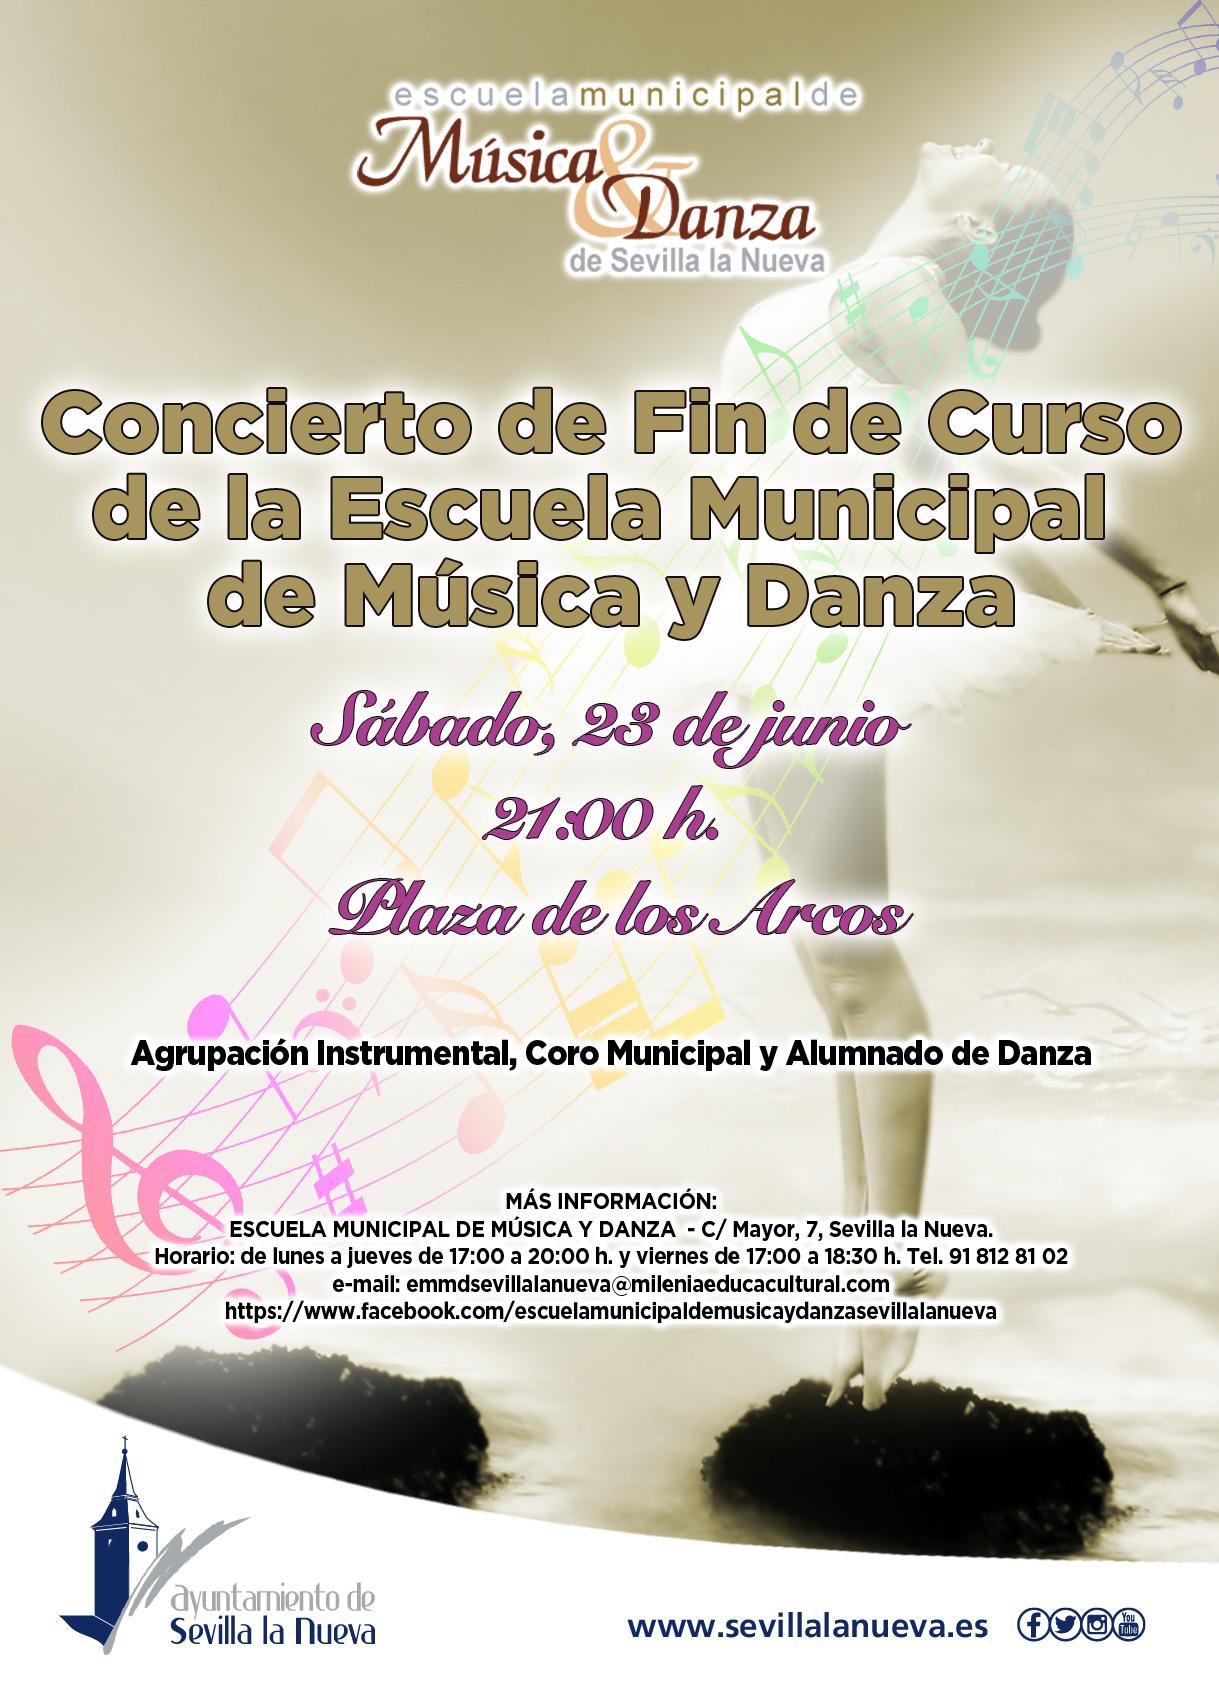 EMMD - Concierto de fin de curso @ Plaza de los Arcos